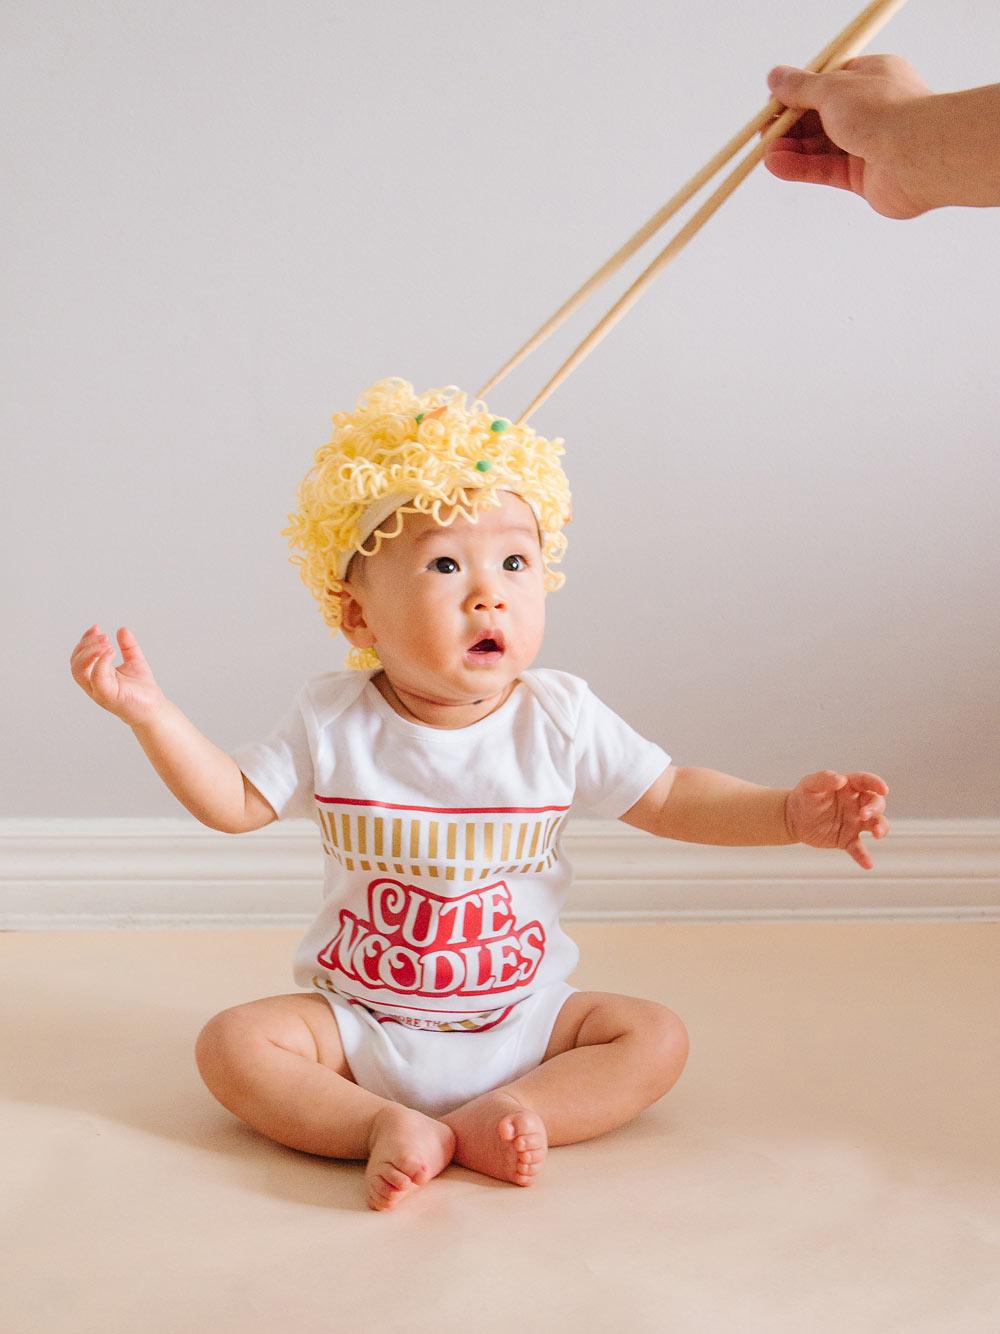 DIY Baby Cup Noodles Halloween Costume